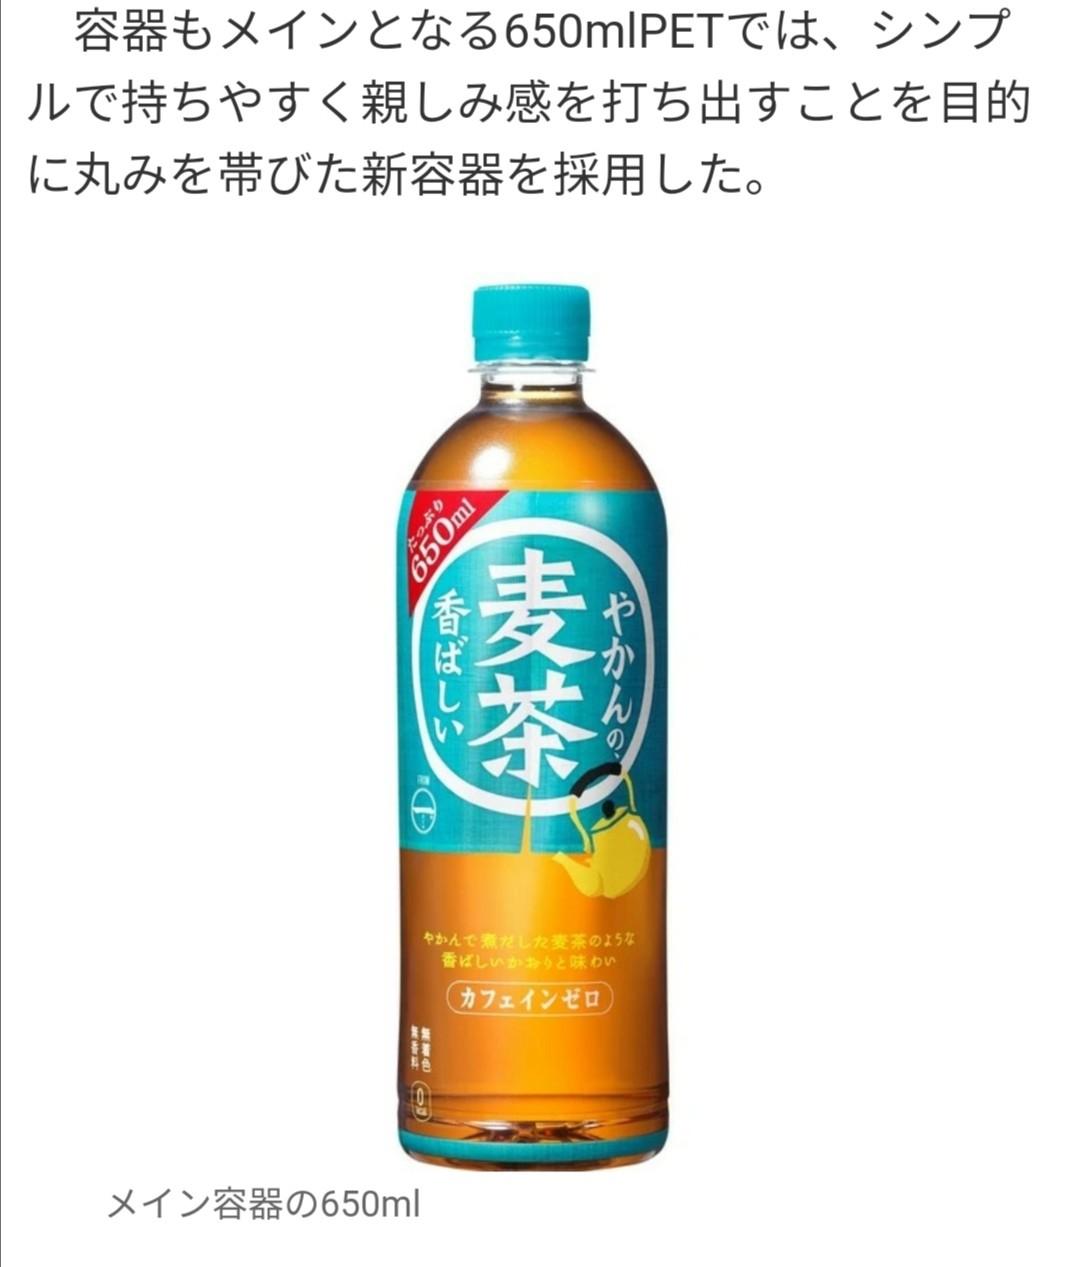 鶴瓶ピンチか コカコーラ、「やかんの麦茶」(650ml)を発売